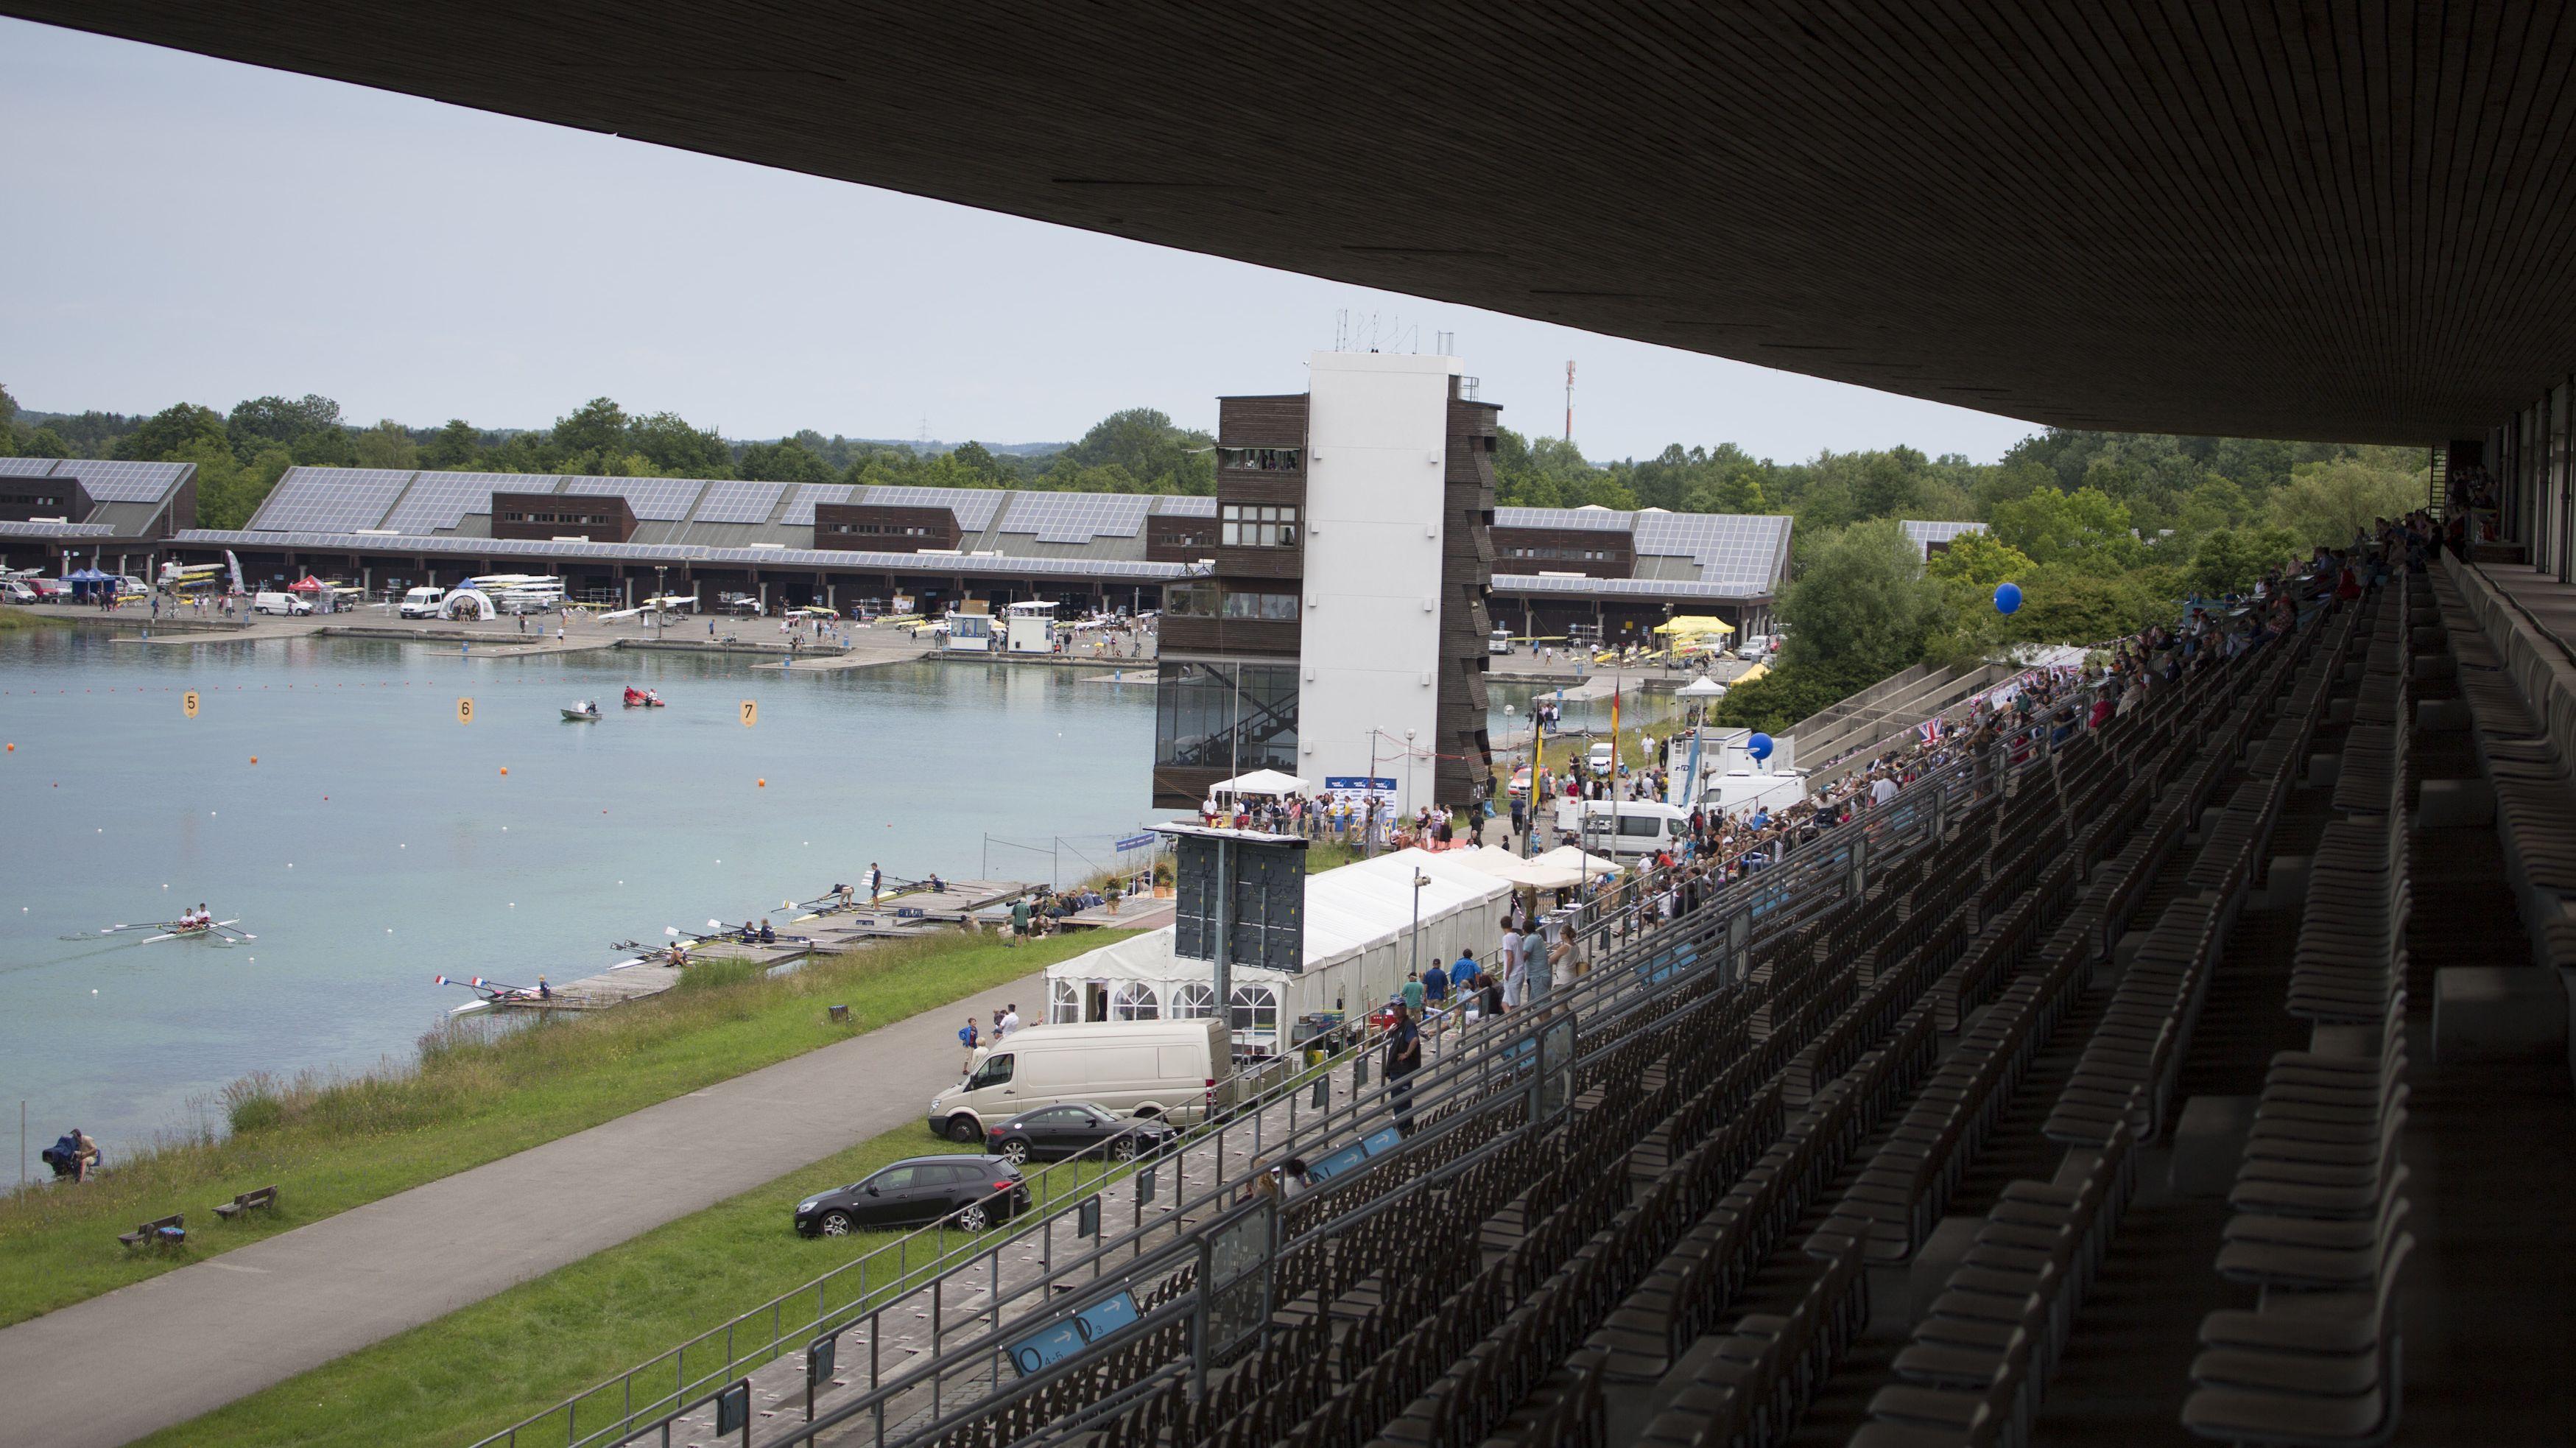 Blick auf die olympische Ruderregattastrecke in München-Oberschleißheim